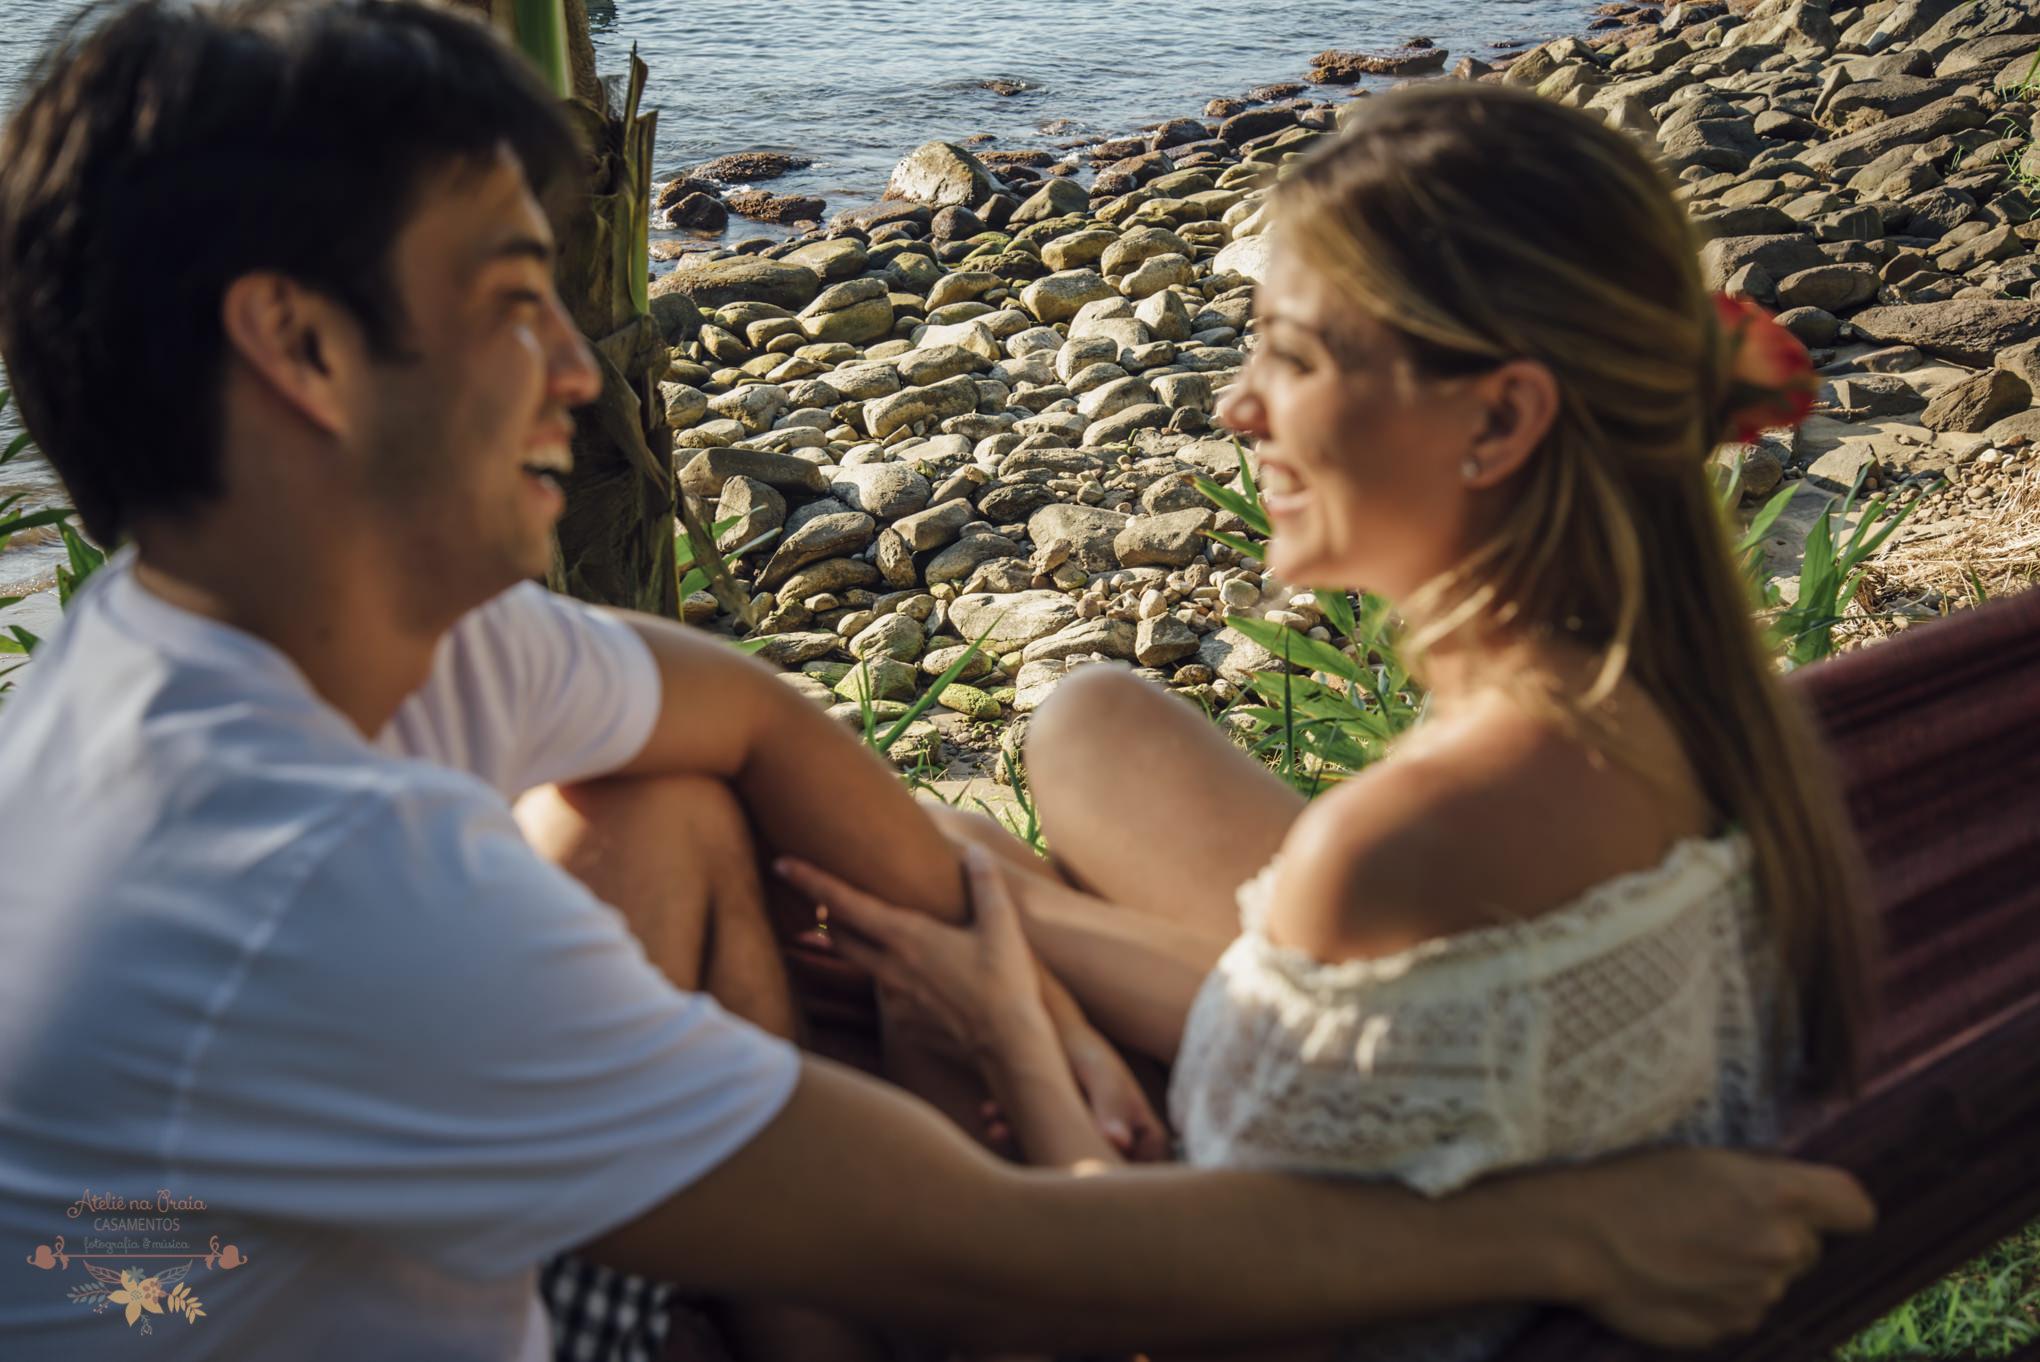 Atelie-na-Praia-Pre-Wedding-Noivos-Carol-Thomas-PQ-3236